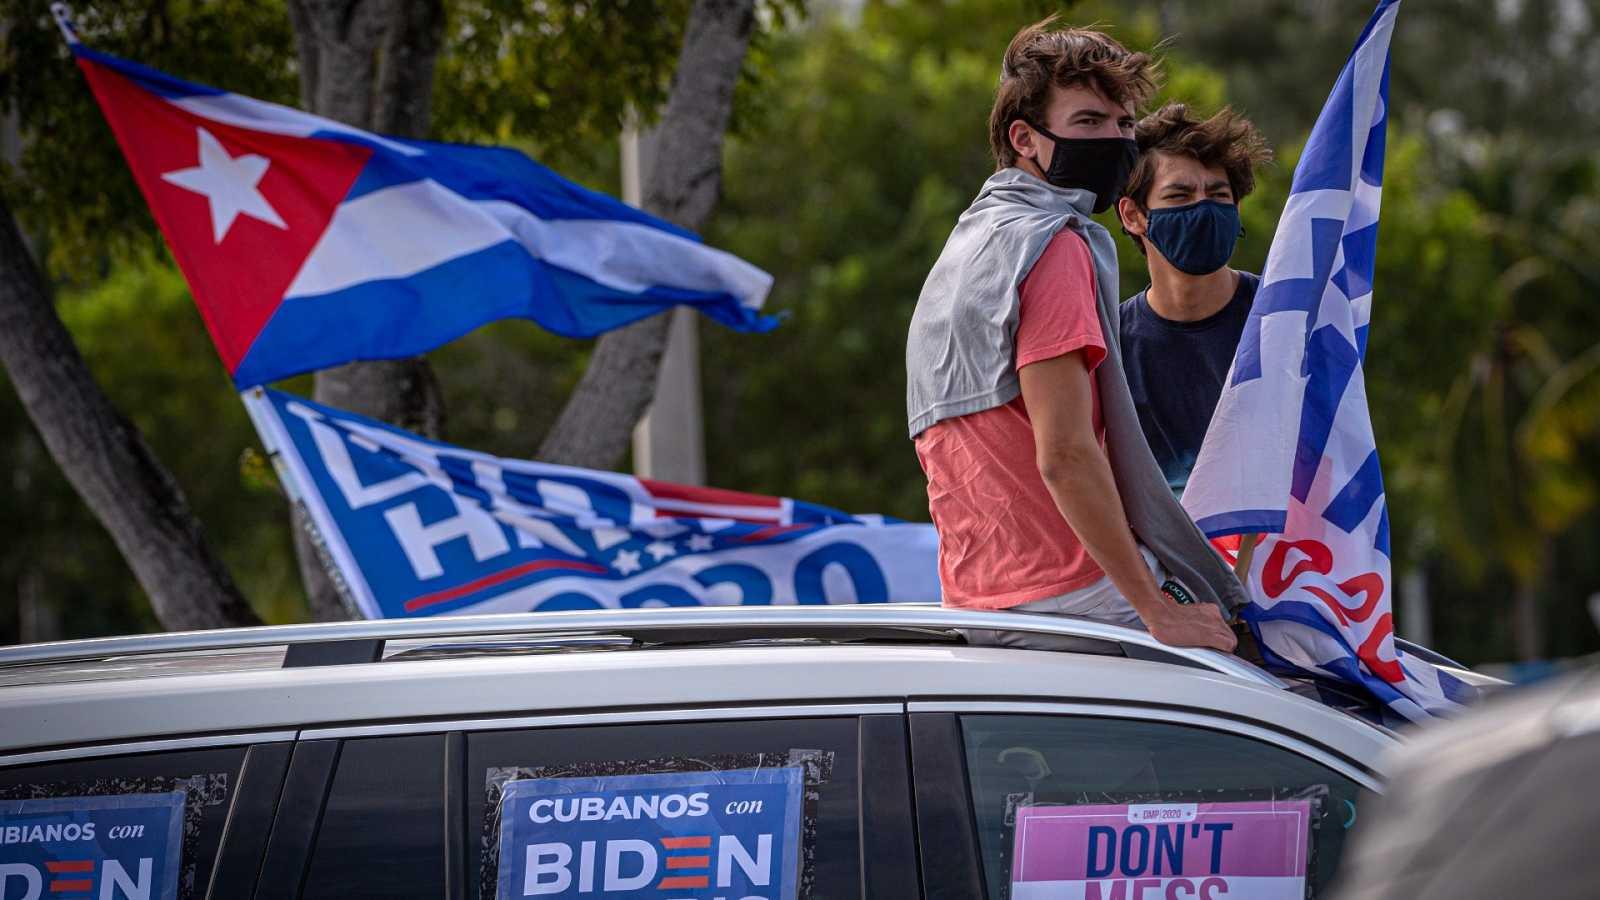 Cinco Continentes - Florida, un estado clave en las elecciones presidenciales - Escuchar ahora